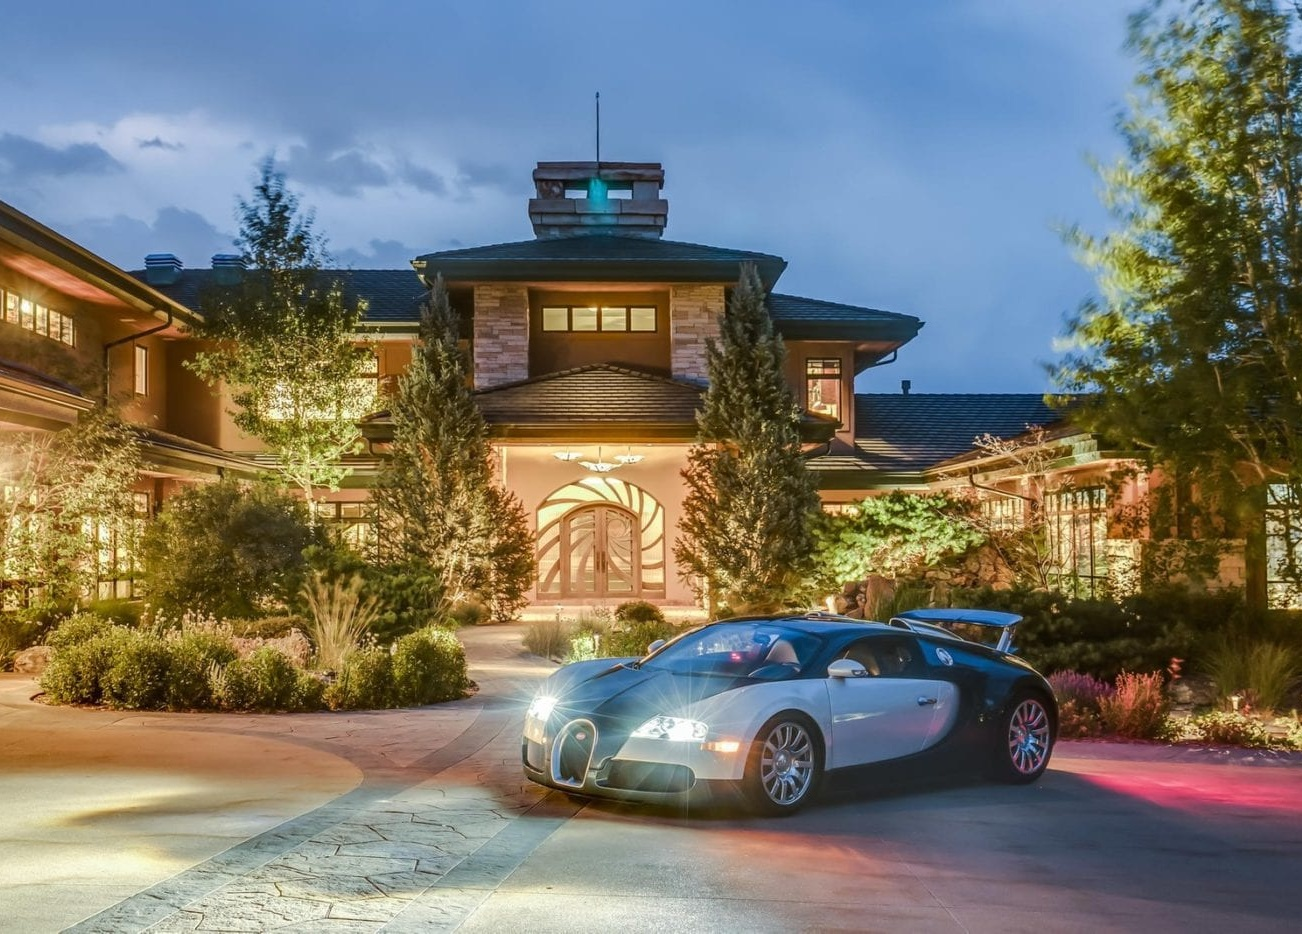 На продажу выставлен элитный особняк с гаражом на сотню авто